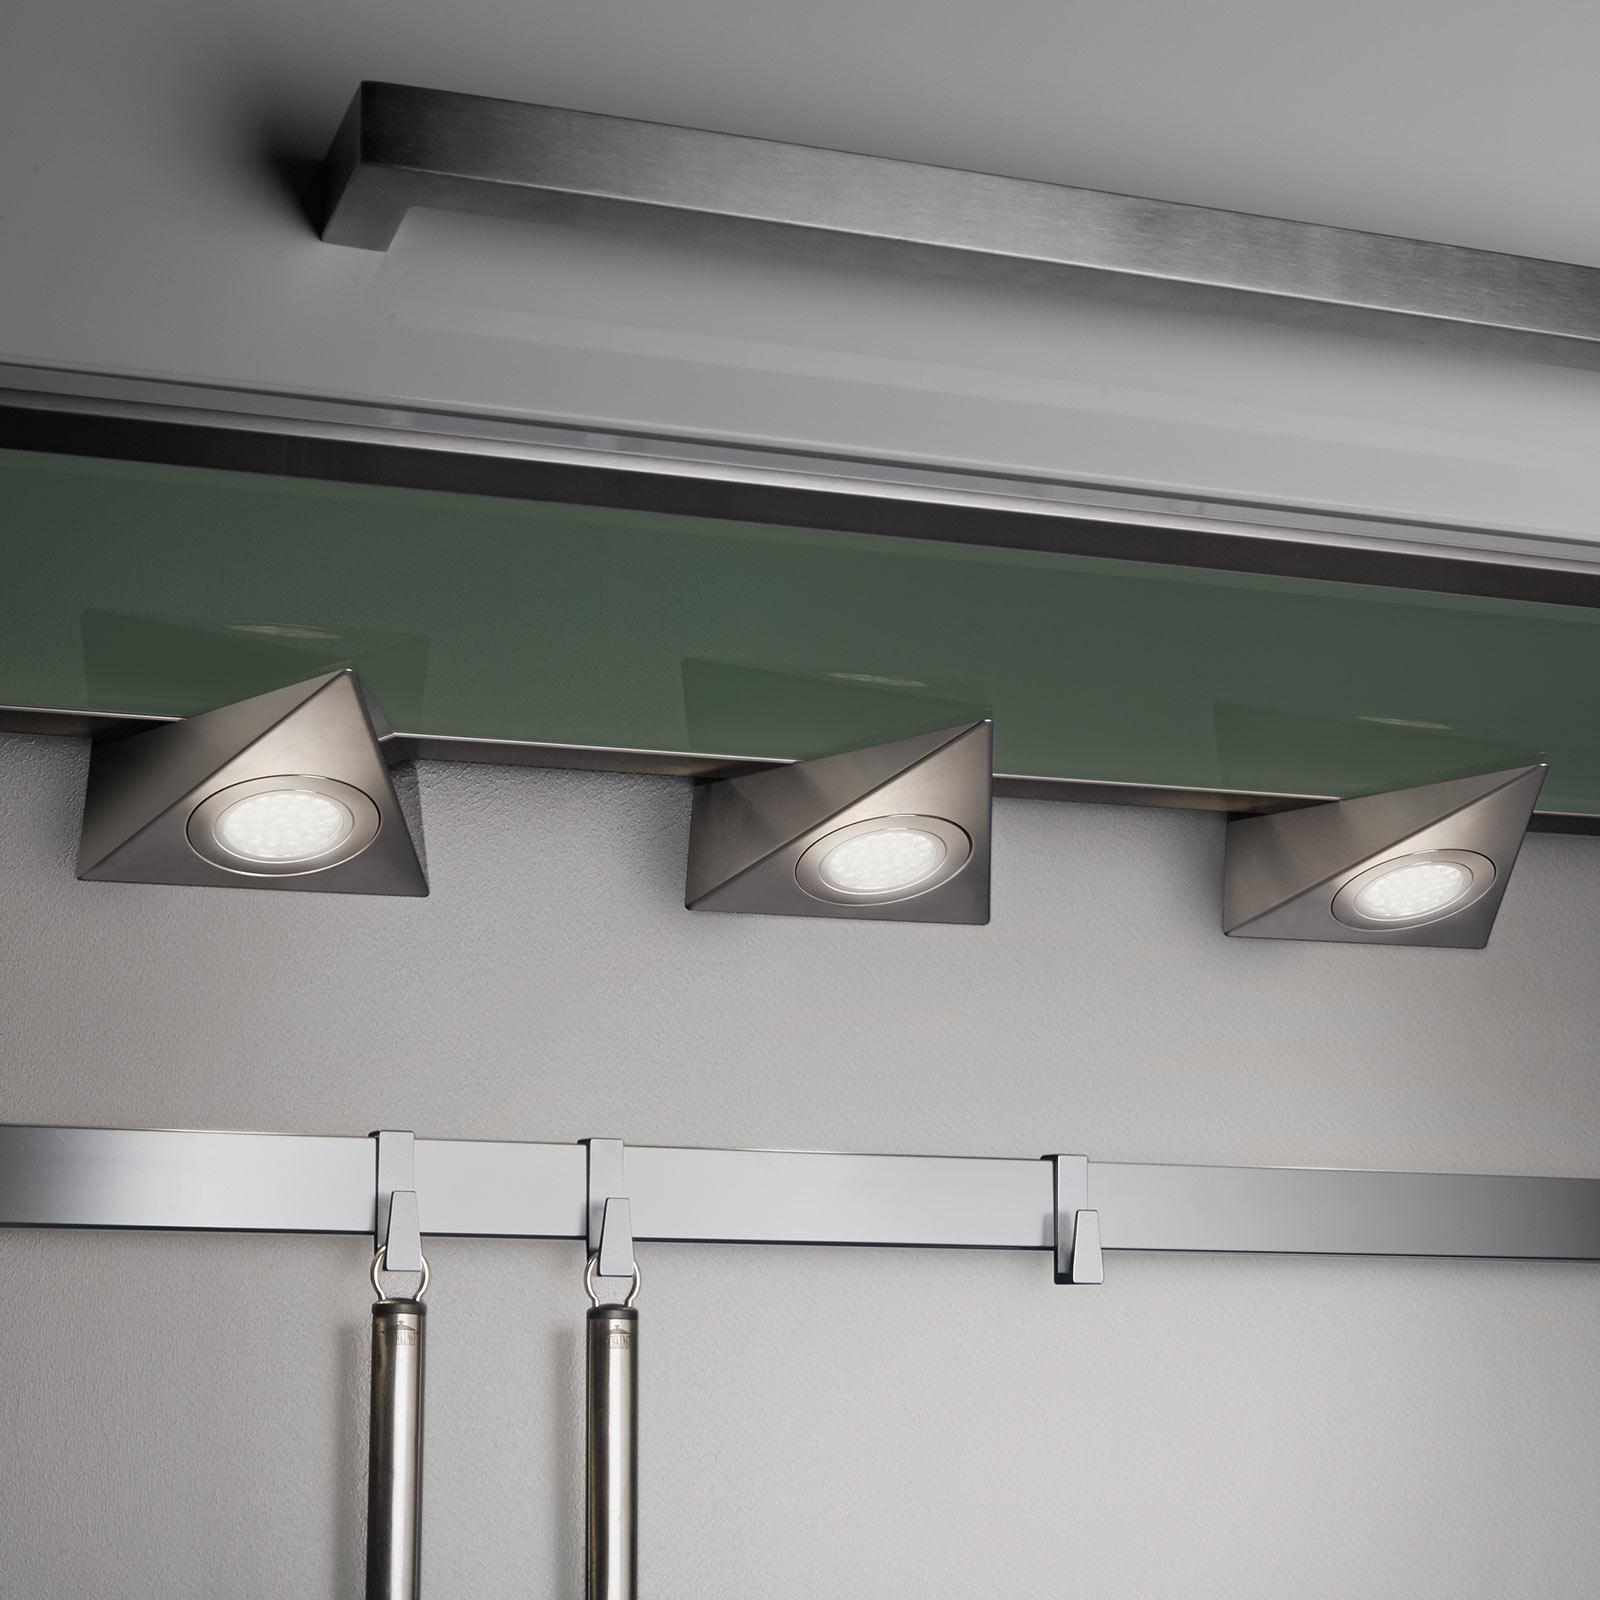 LED-bänklampa Ecco 3-pack set, nickel matt